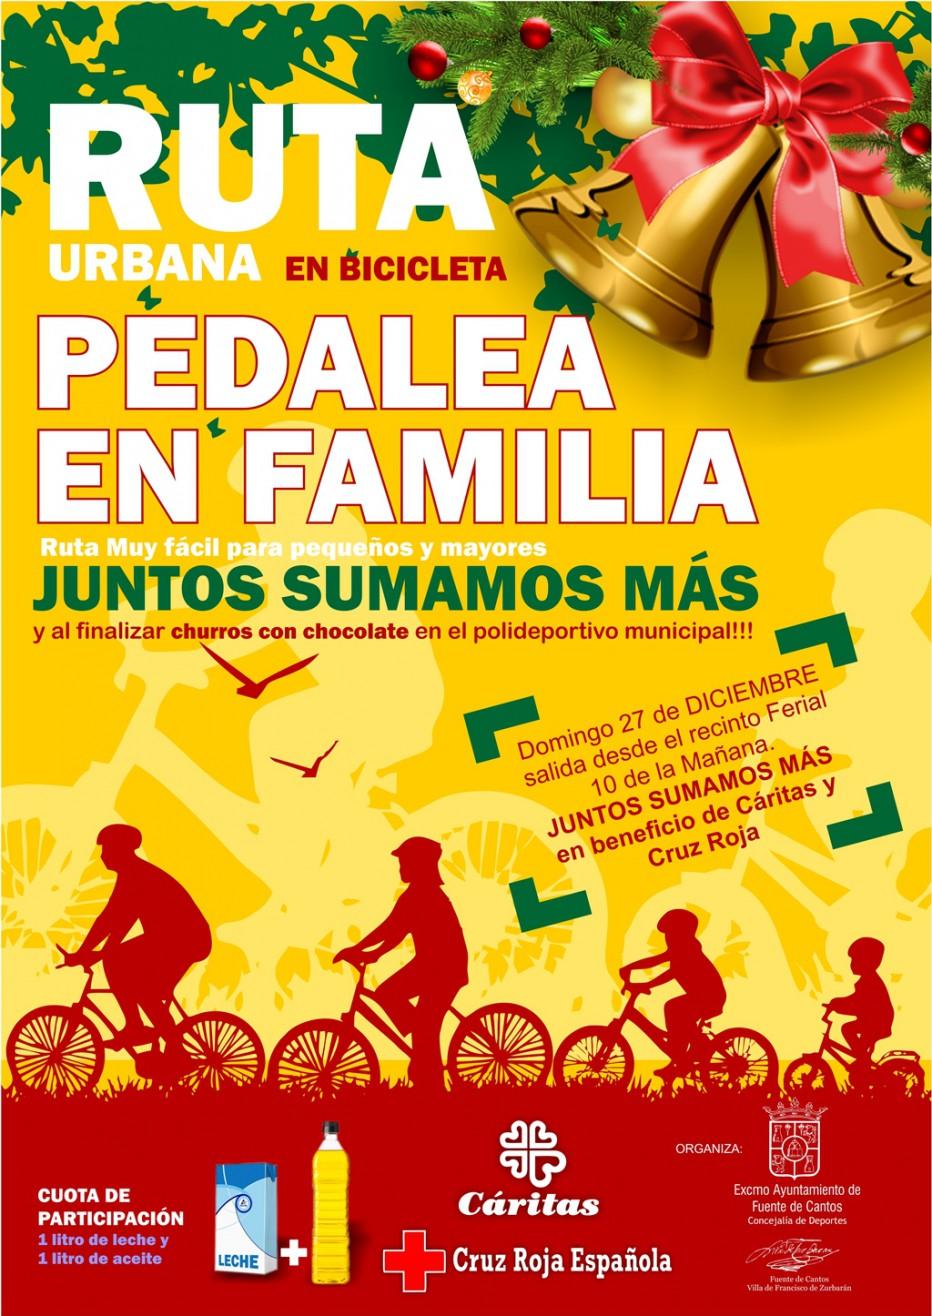 Ruta Urbana PEDALEA EN FAMILIA 27 Diciembre